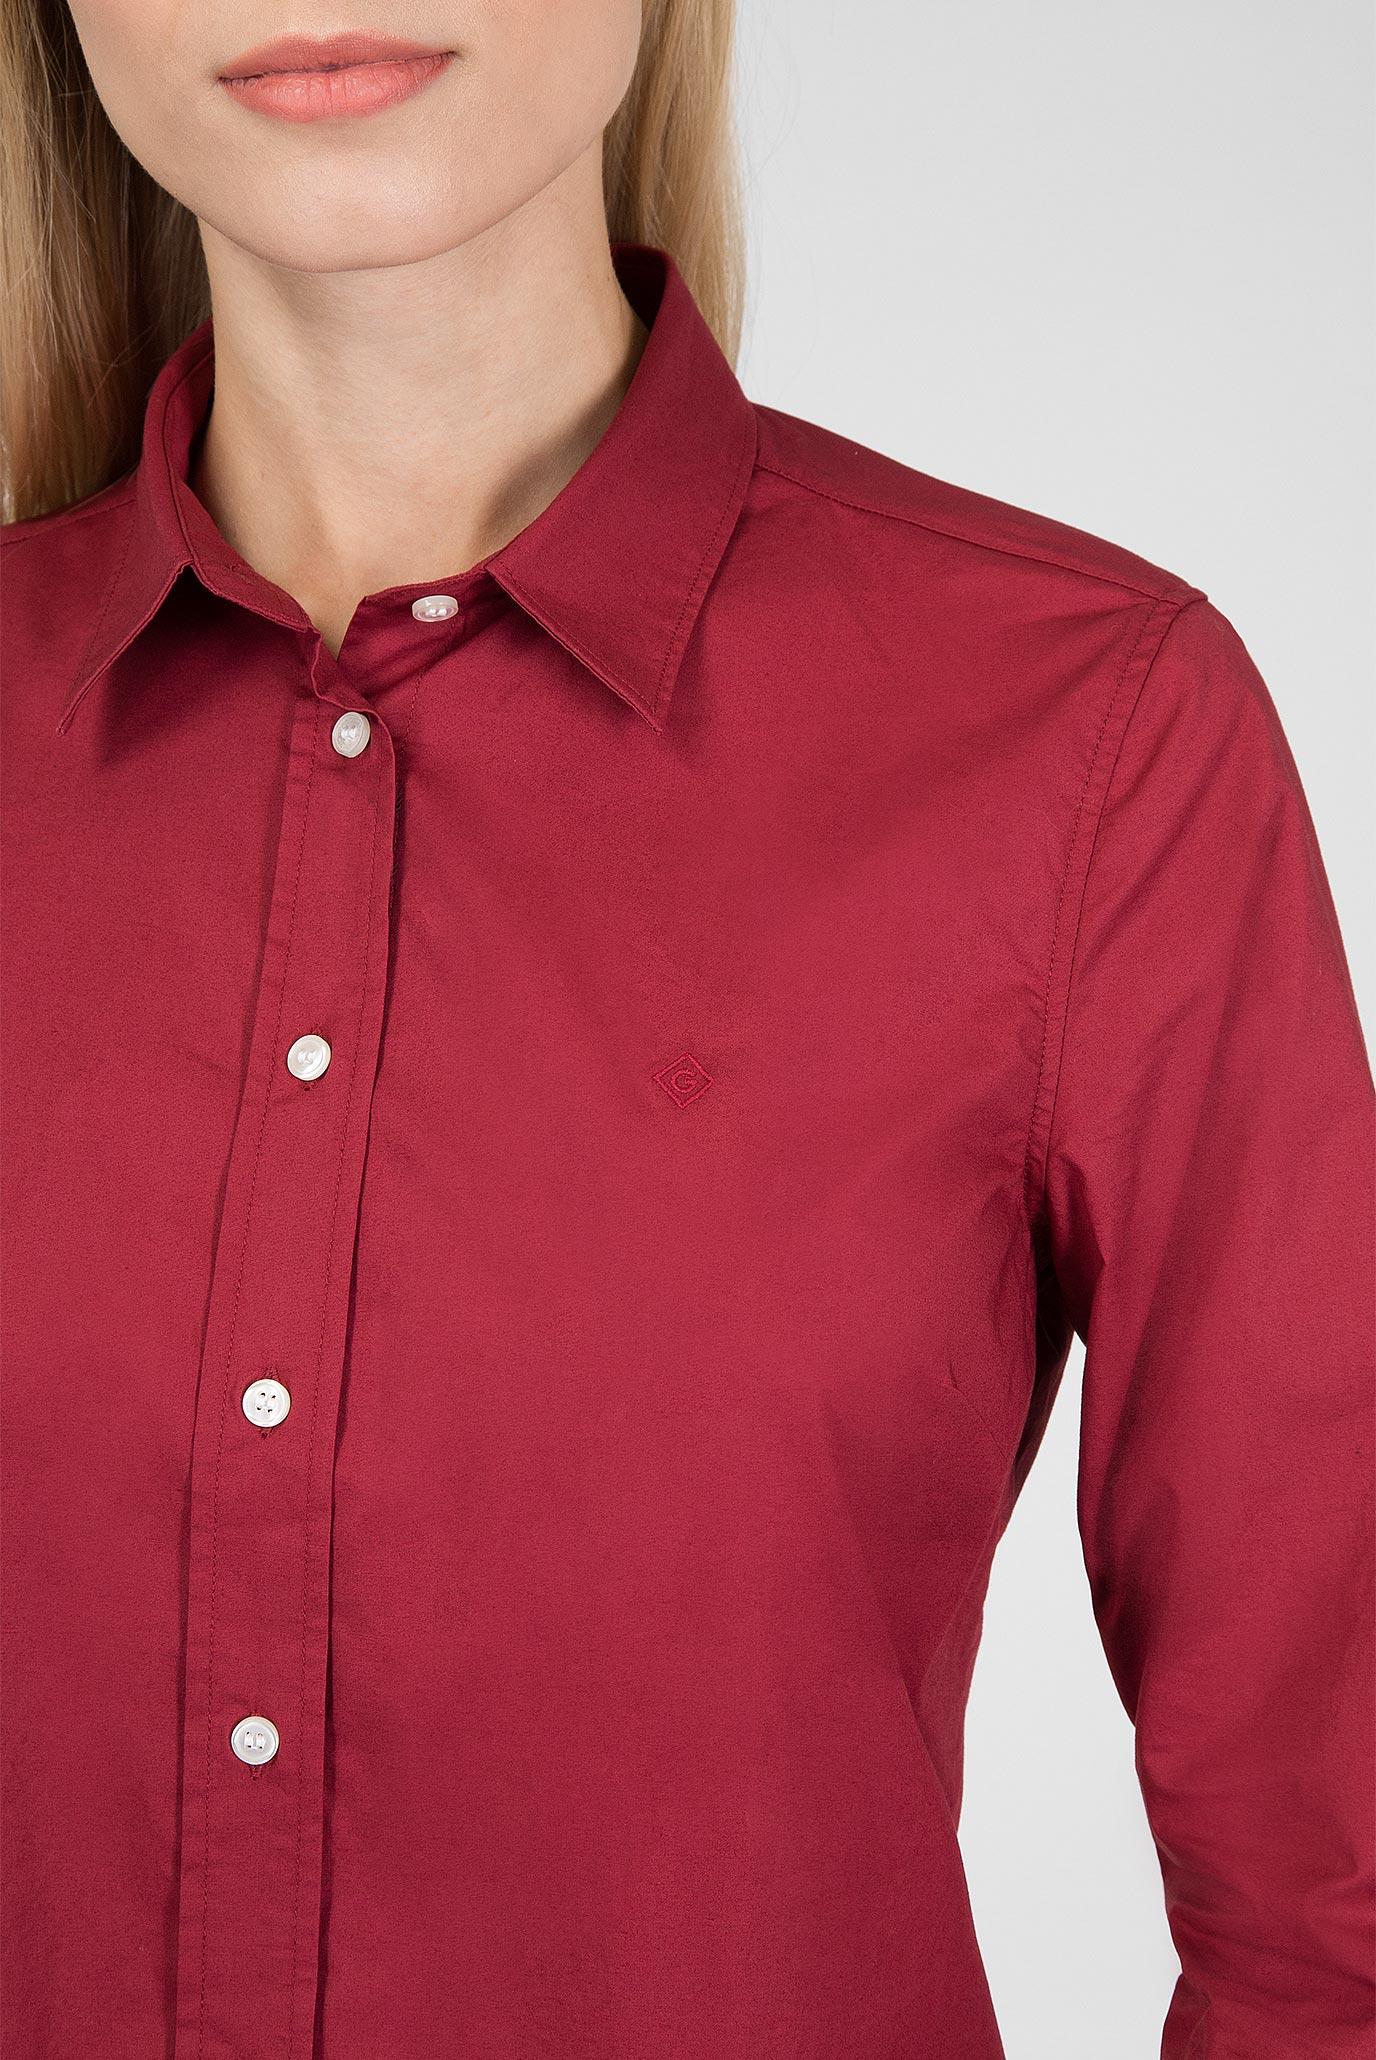 Купить Женская бордовая рубашка Gant Gant 4350022 – Киев, Украина. Цены в интернет магазине MD Fashion